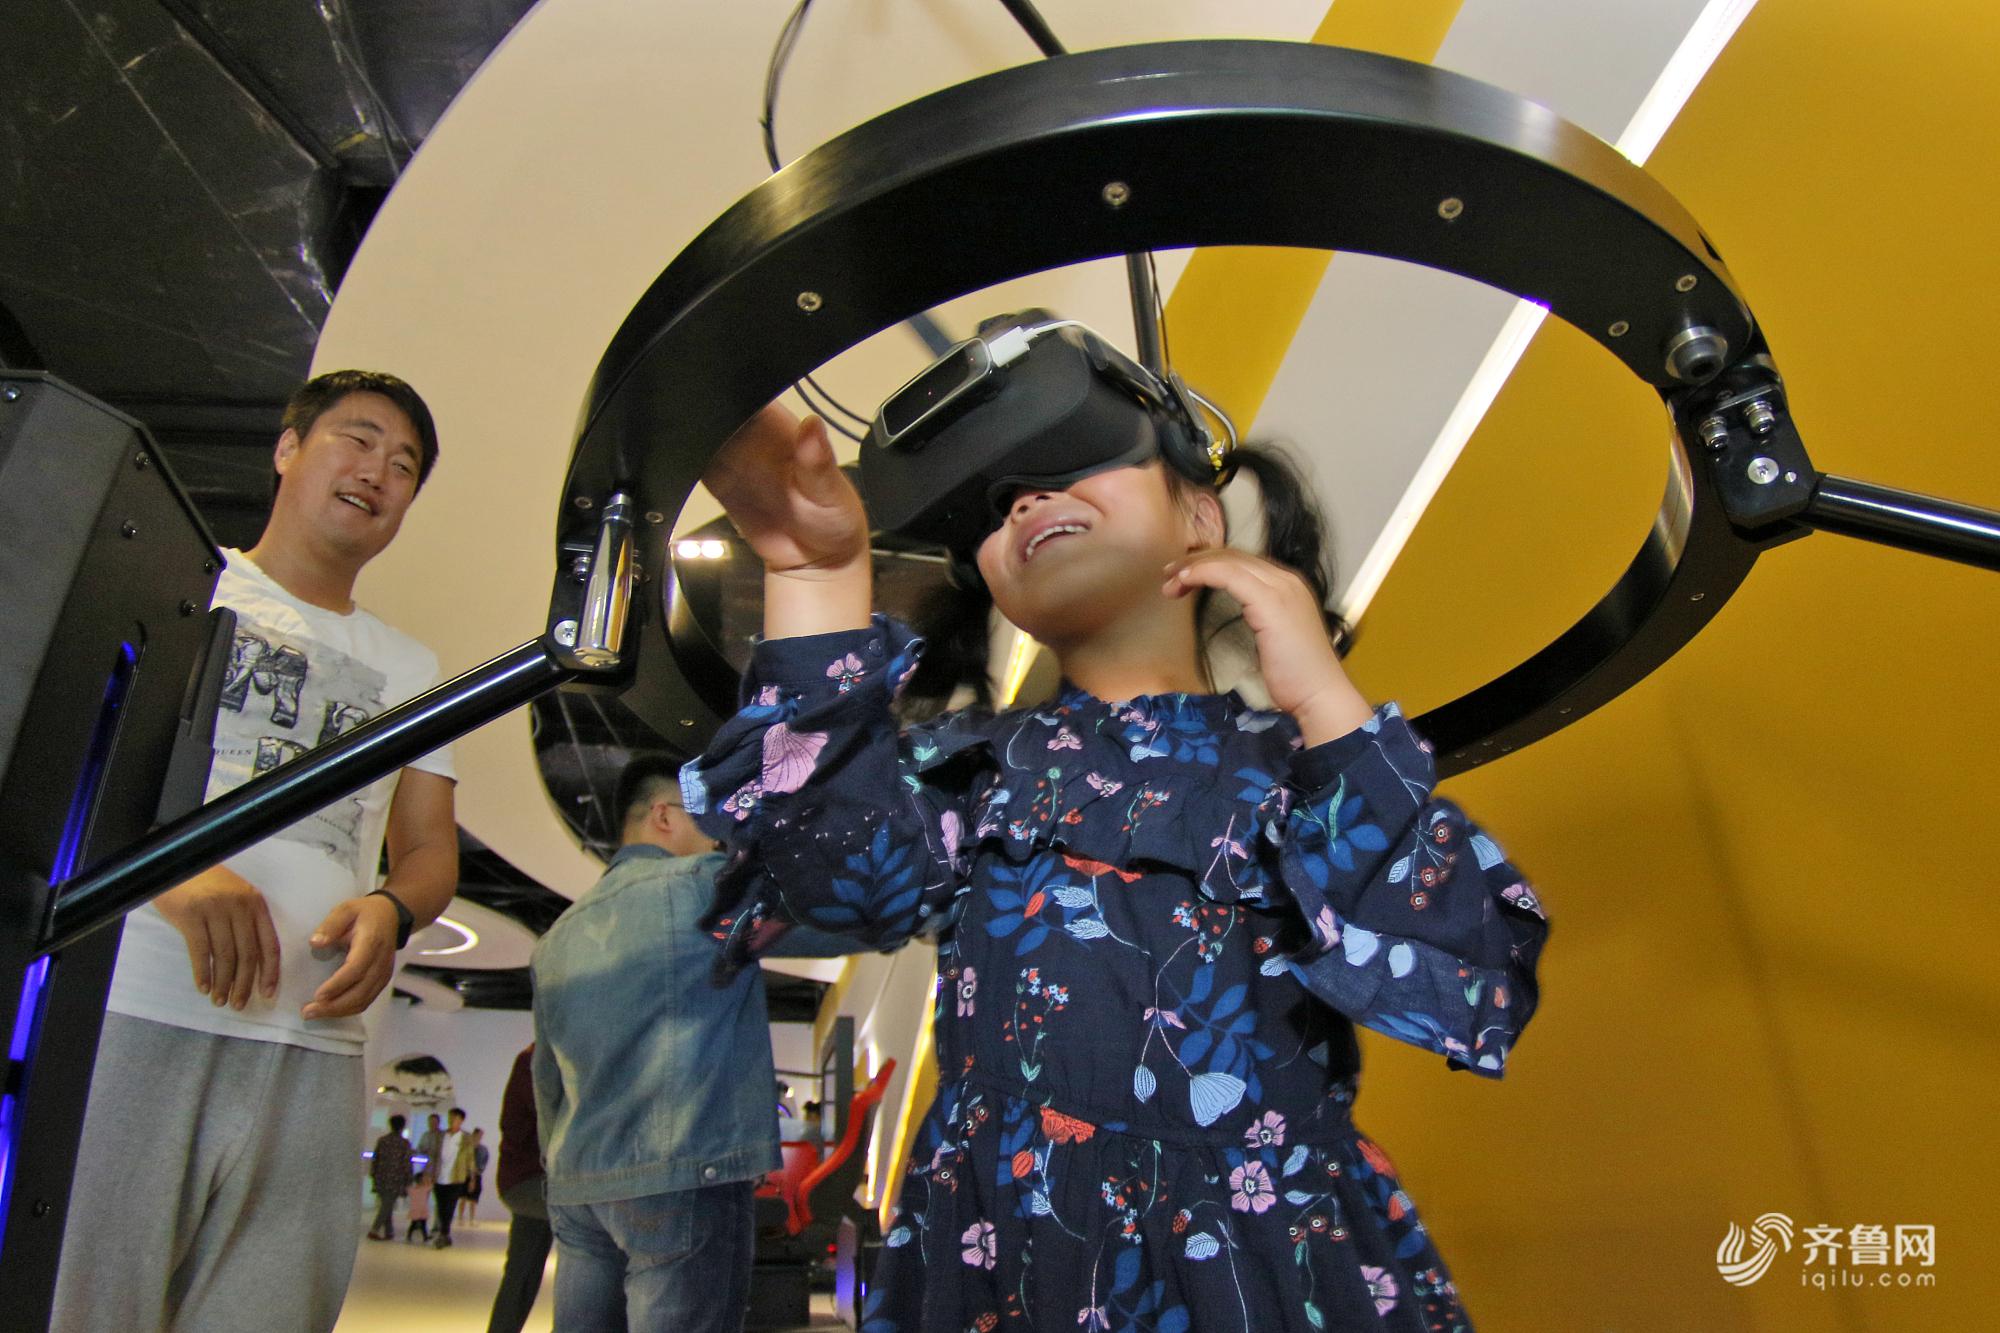 烟台市民VR体验馆里乐享假期 体验虚拟现实世界